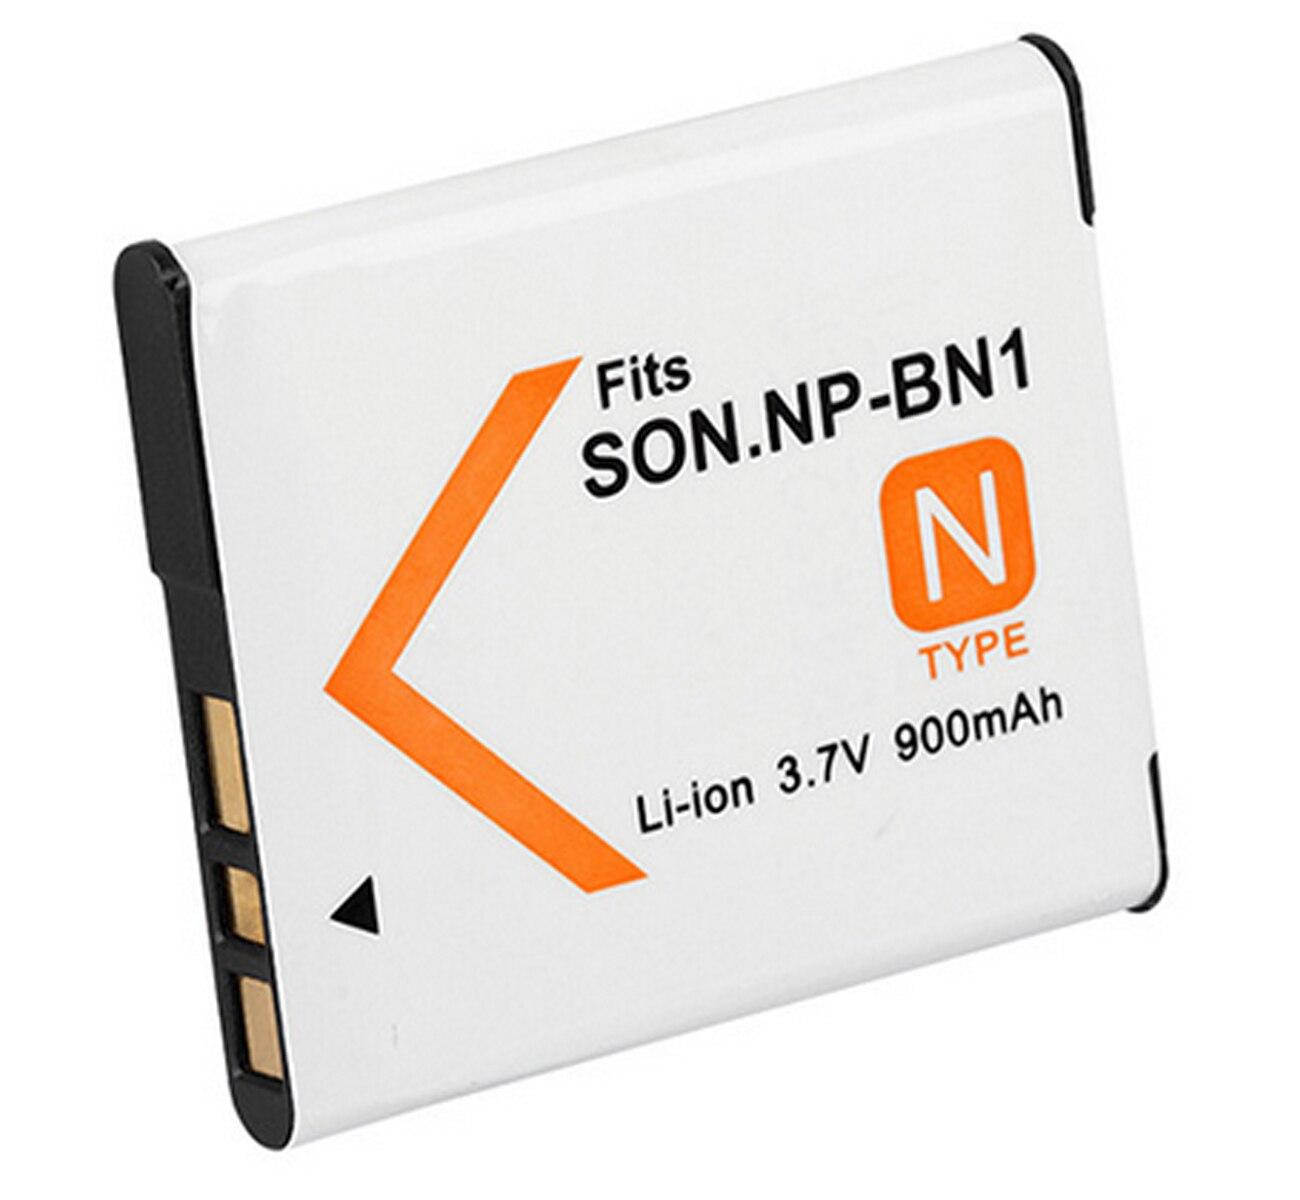 Battery Pack for Sony Cyber-shot DSC-W310, W320, W330, W350, W360, W380, W390, W520, W530, W550, W560, W570, W580 Digital Camera